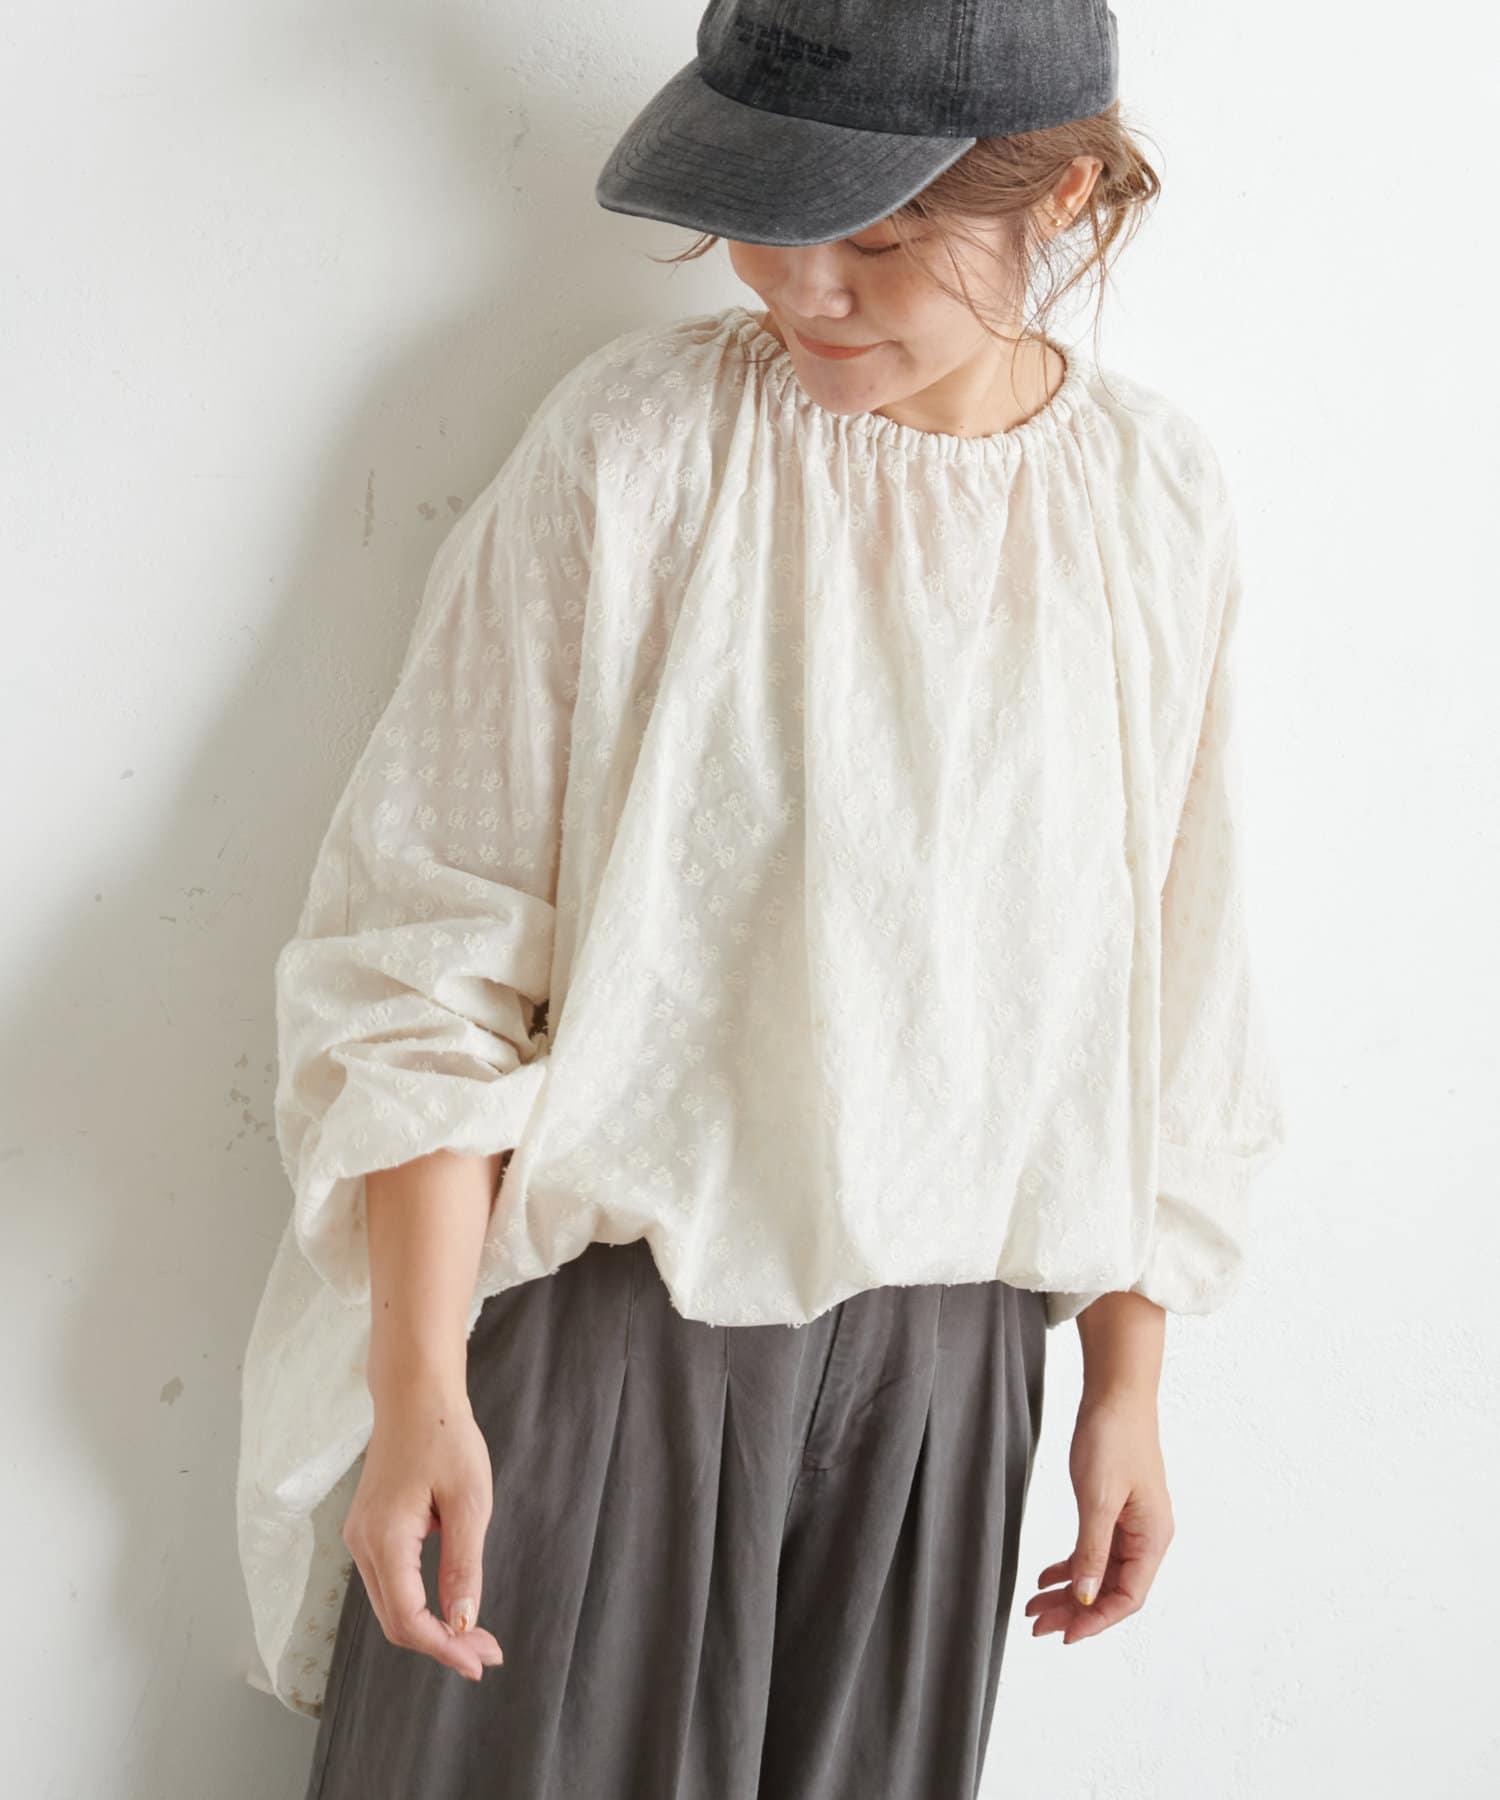 pual ce cin(ピュアルセシン) 綿帽子刺繍ブラウス